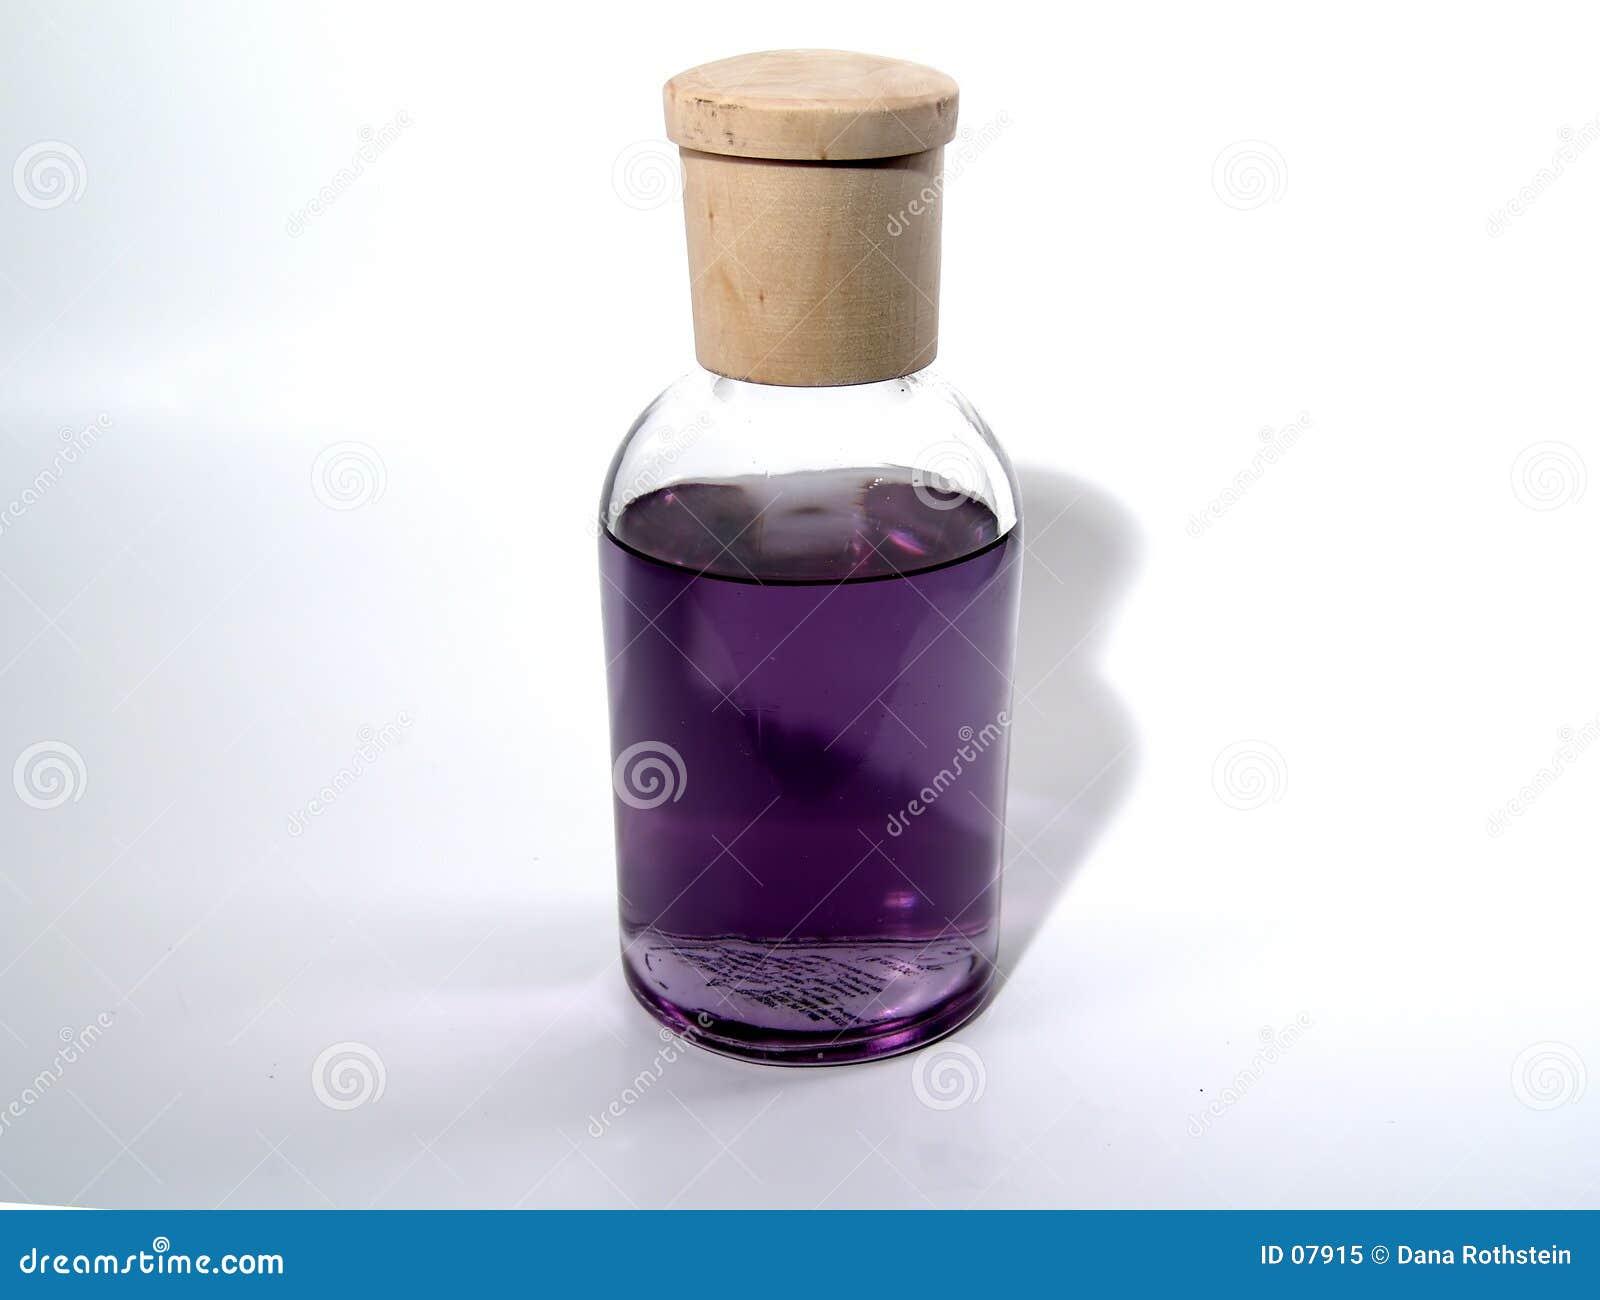 Bottle if Incense